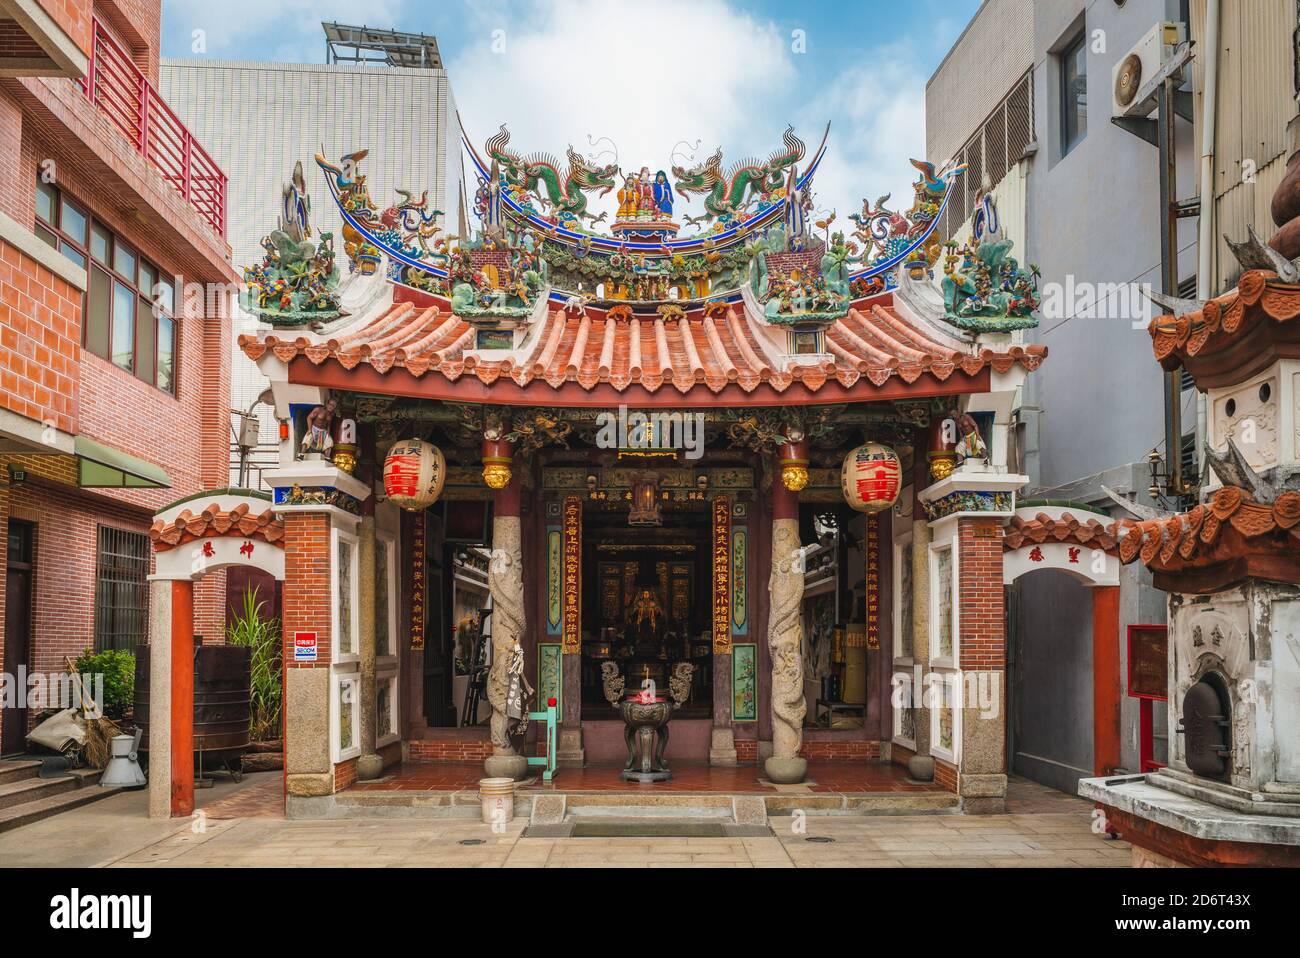 16 de octubre de 2020: El templo de Mazu fundador, fue construido en 1662 durante la Dinastía Ming y el templo de Mazu construido privadamente más temprano situado en tainan, Foto de stock